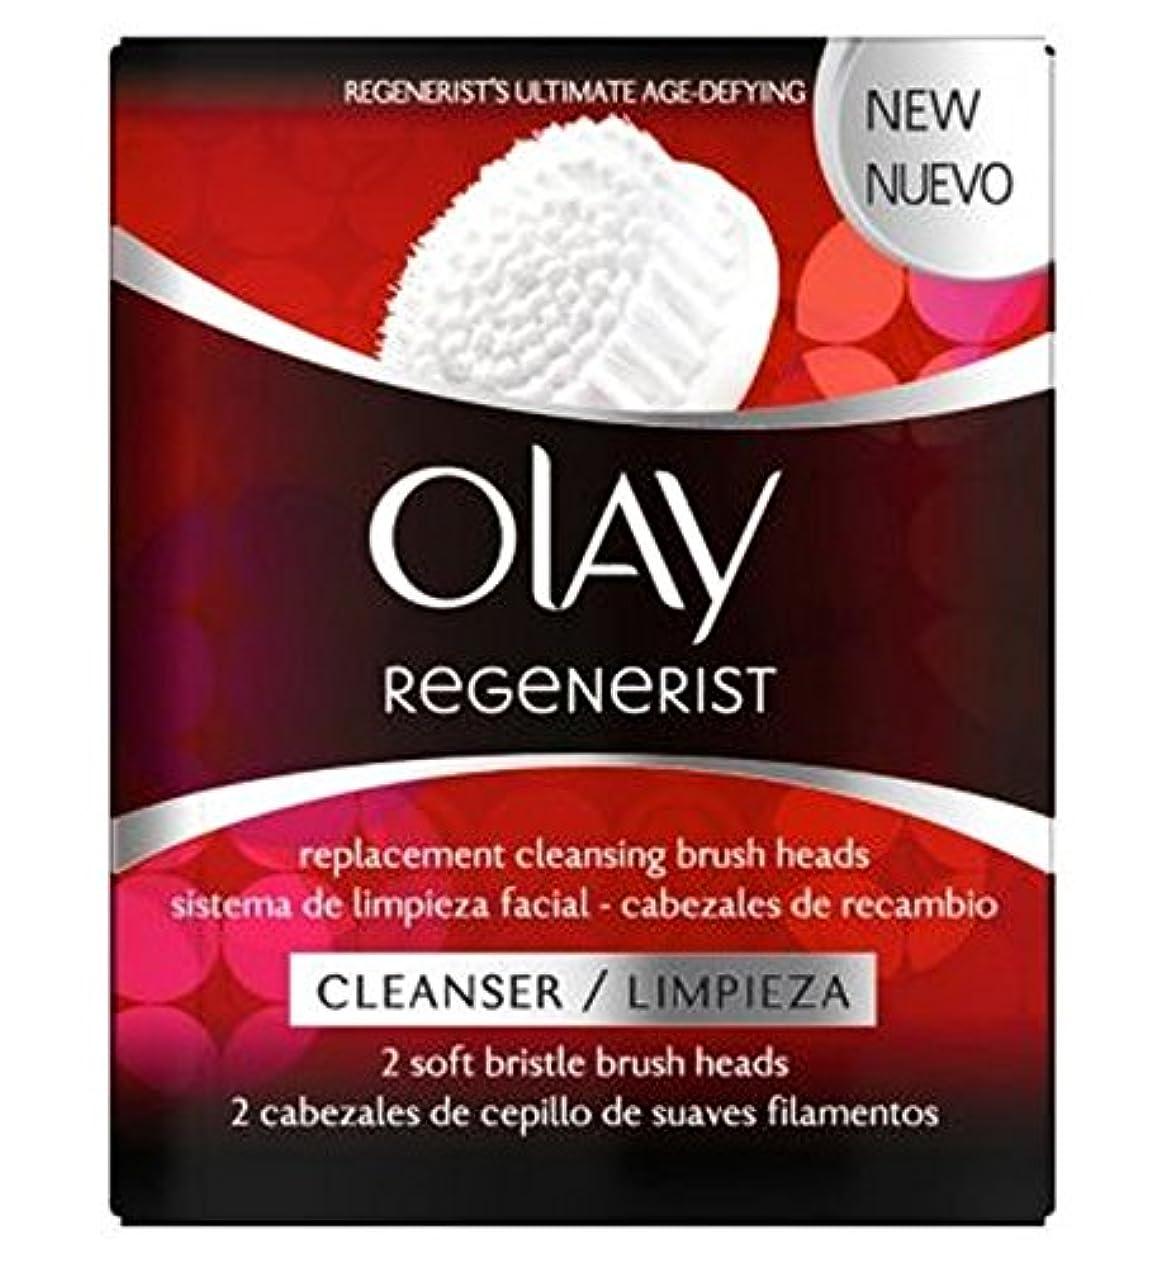 表面的なリベラル昼寝オーレイリジェネ2交換用クレンジングブラシヘッド (Olay) (x2) - Olay Regenerist 2 Replacement Cleansing Brush Heads (Pack of 2) [並行輸入品]